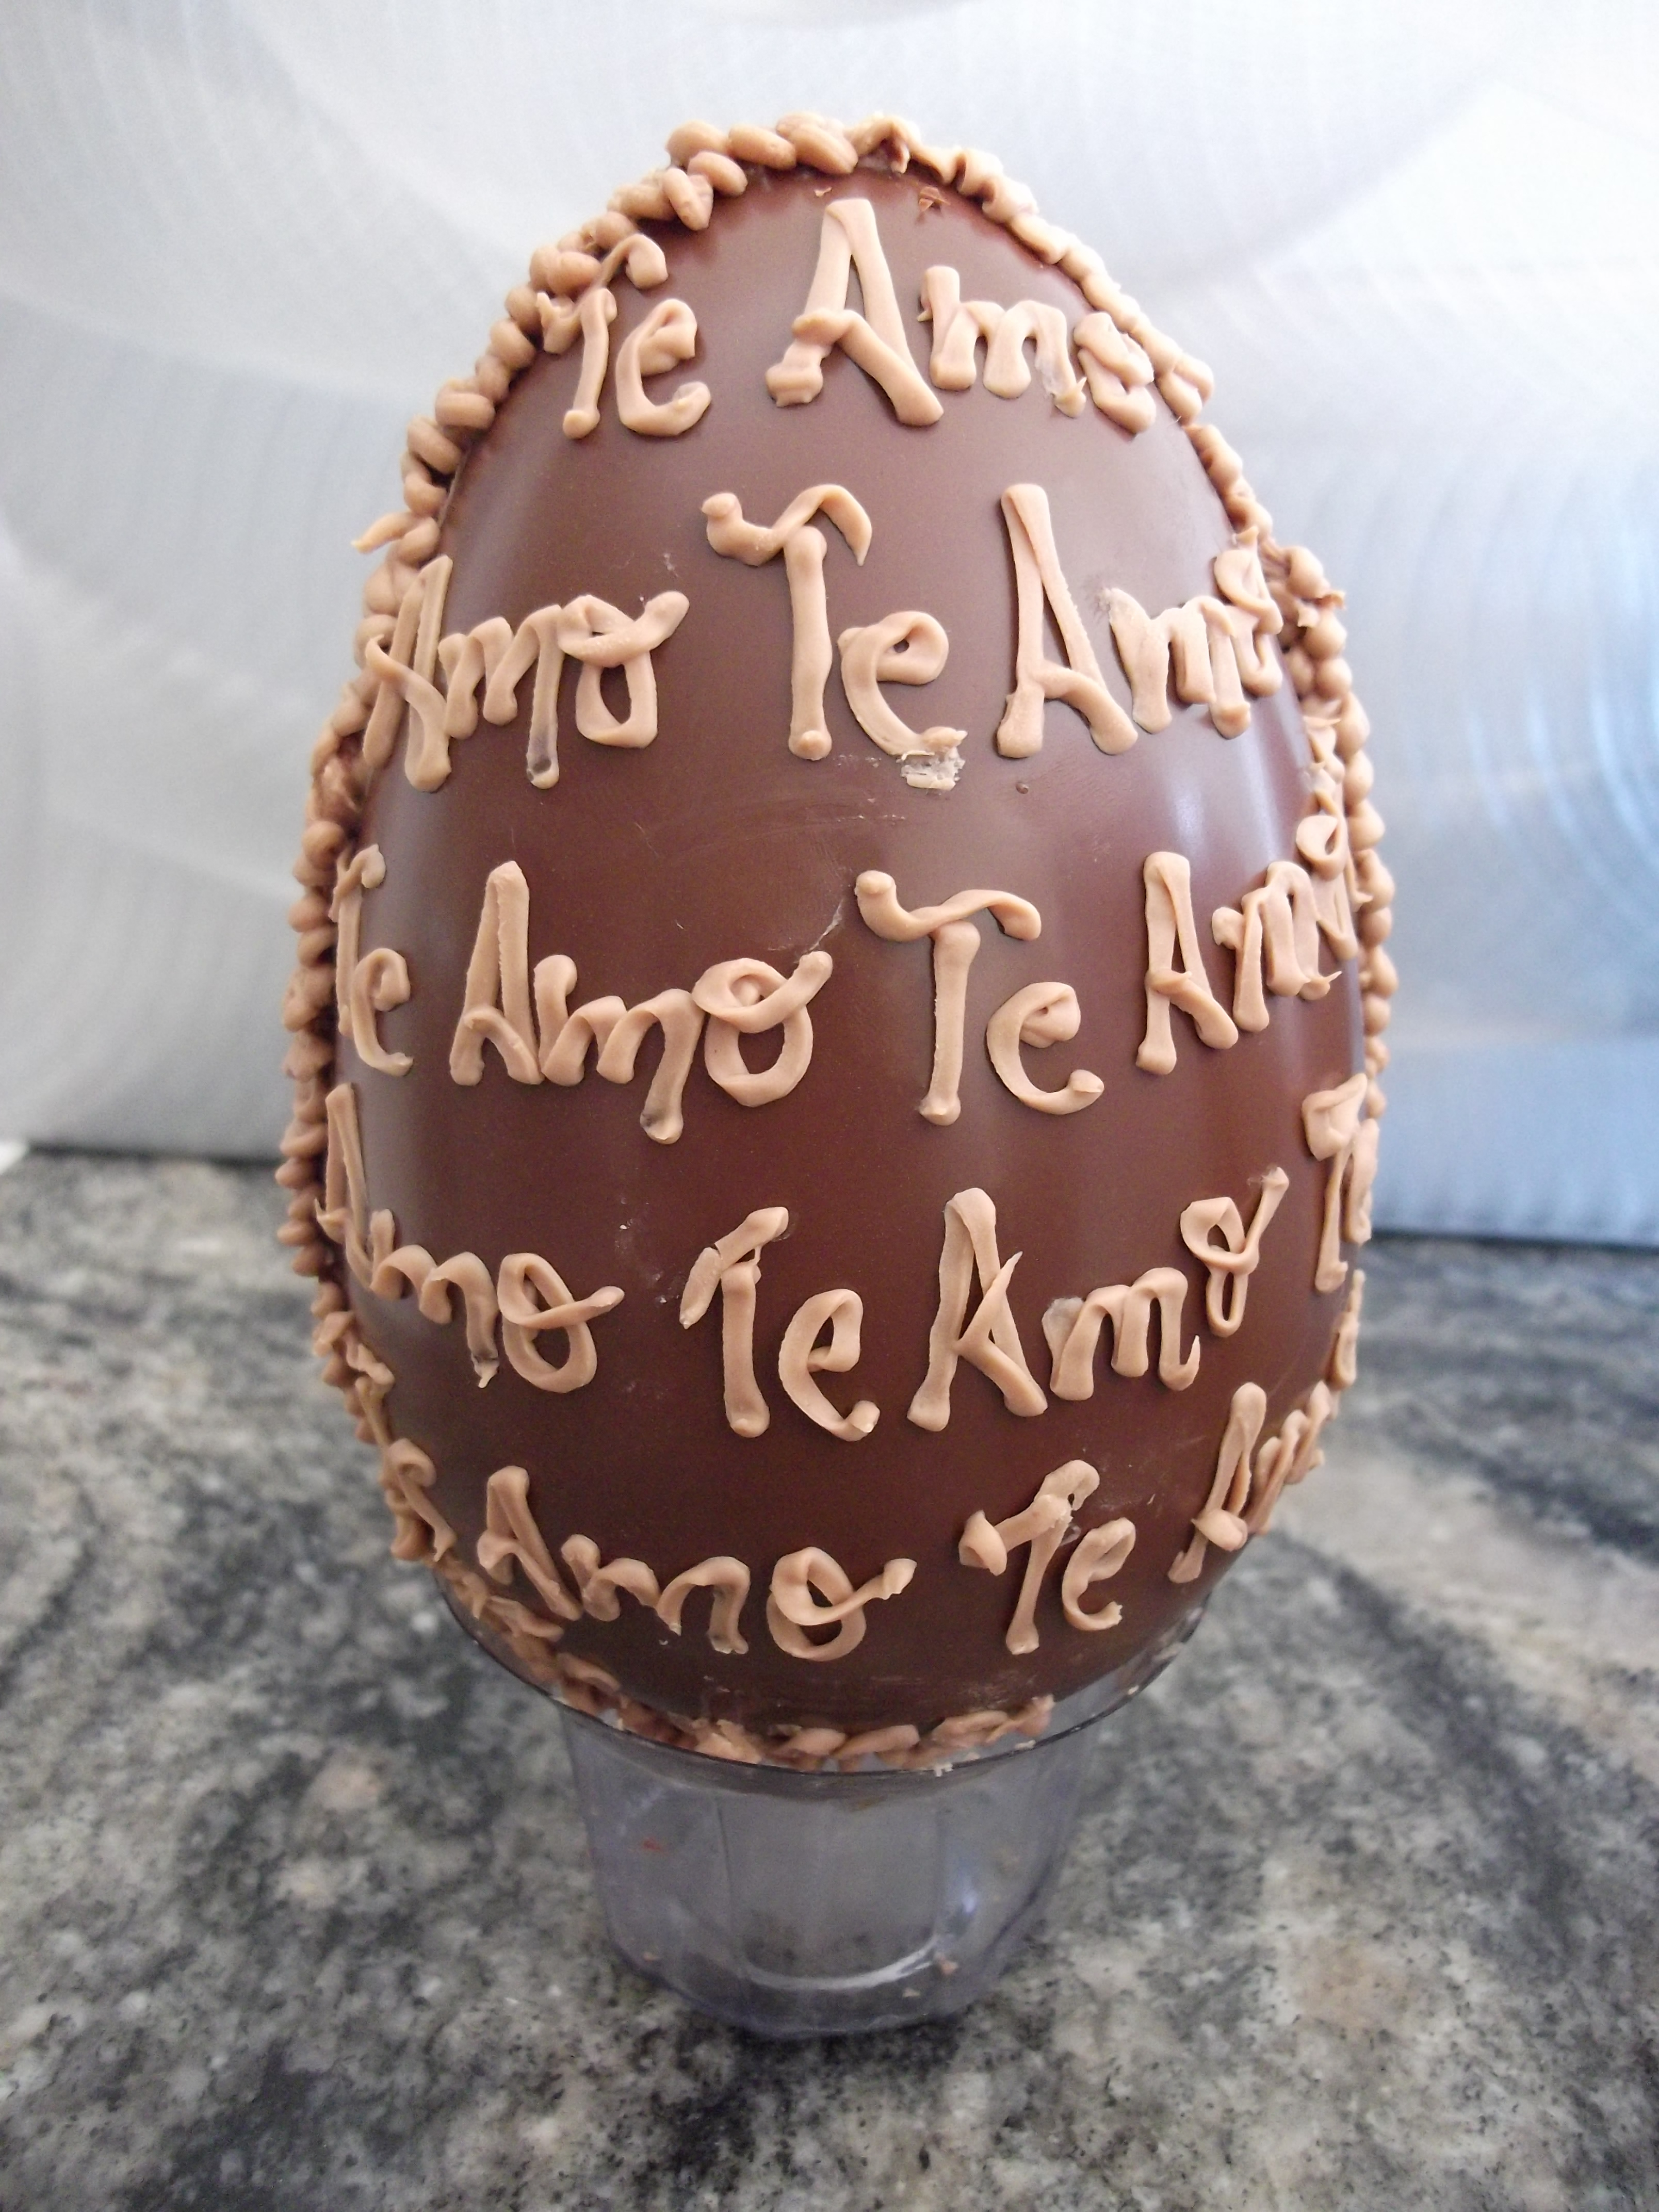 Ovo de páscoa decorado 750 grs AnnaClara Artesanato Culinário Elo7 -> Como Decorar Ovo De Pascoa De Chocolate